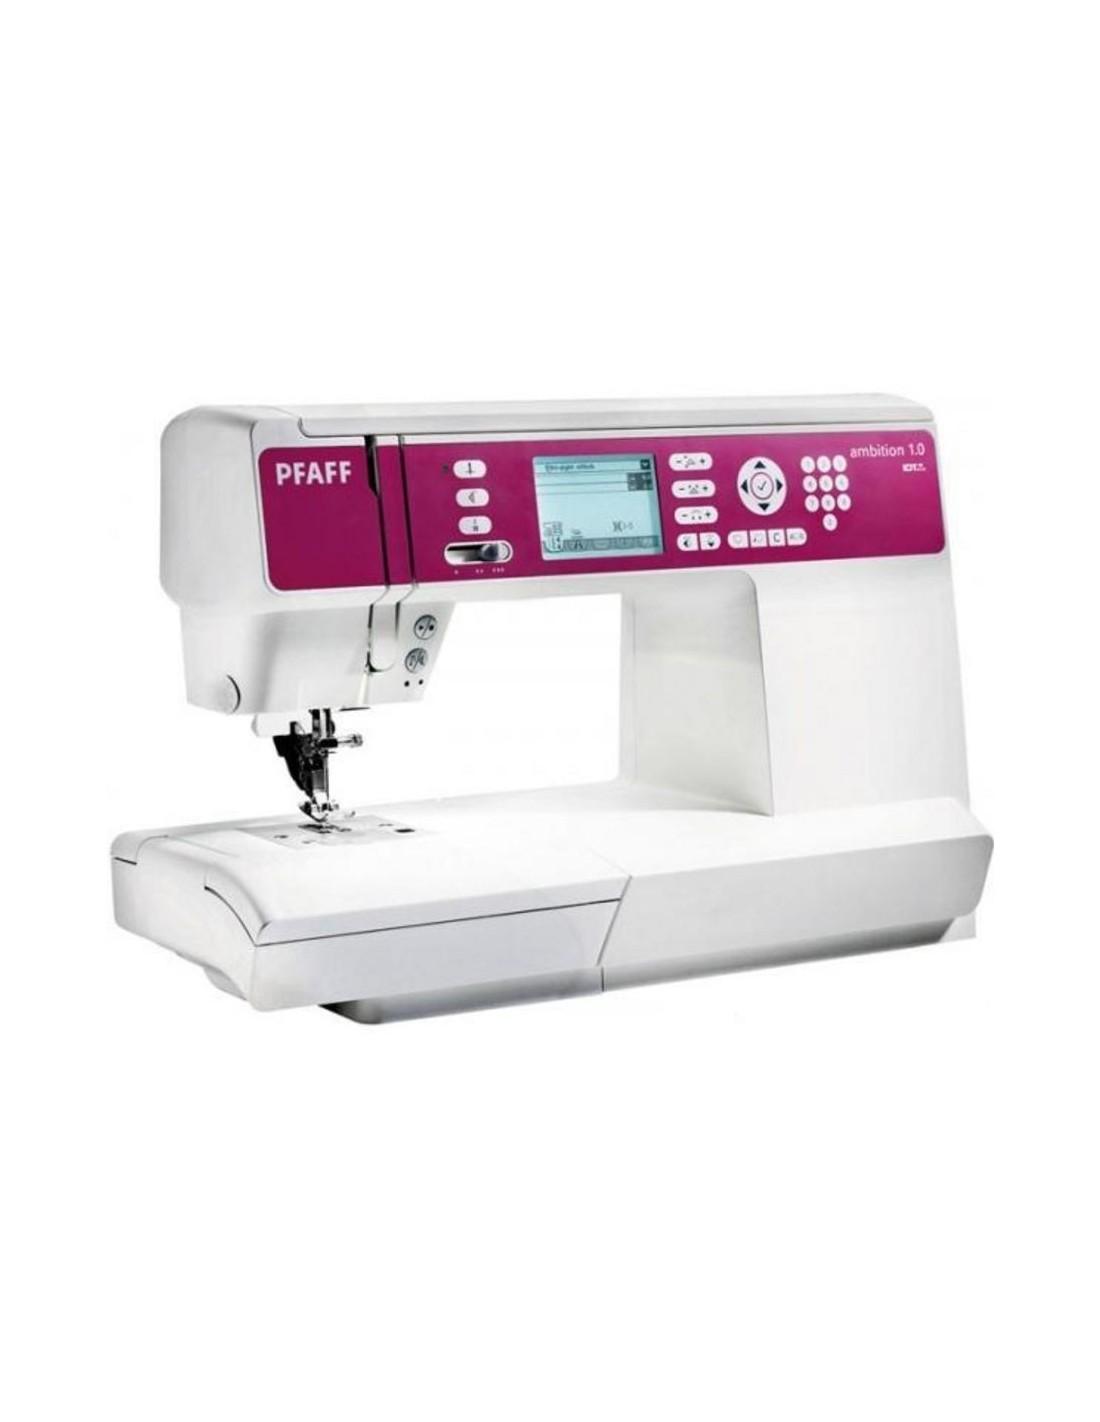 Macchina da cucire pfaff ambition 1 0 macchine per cucire for Pfaff macchine per cucire